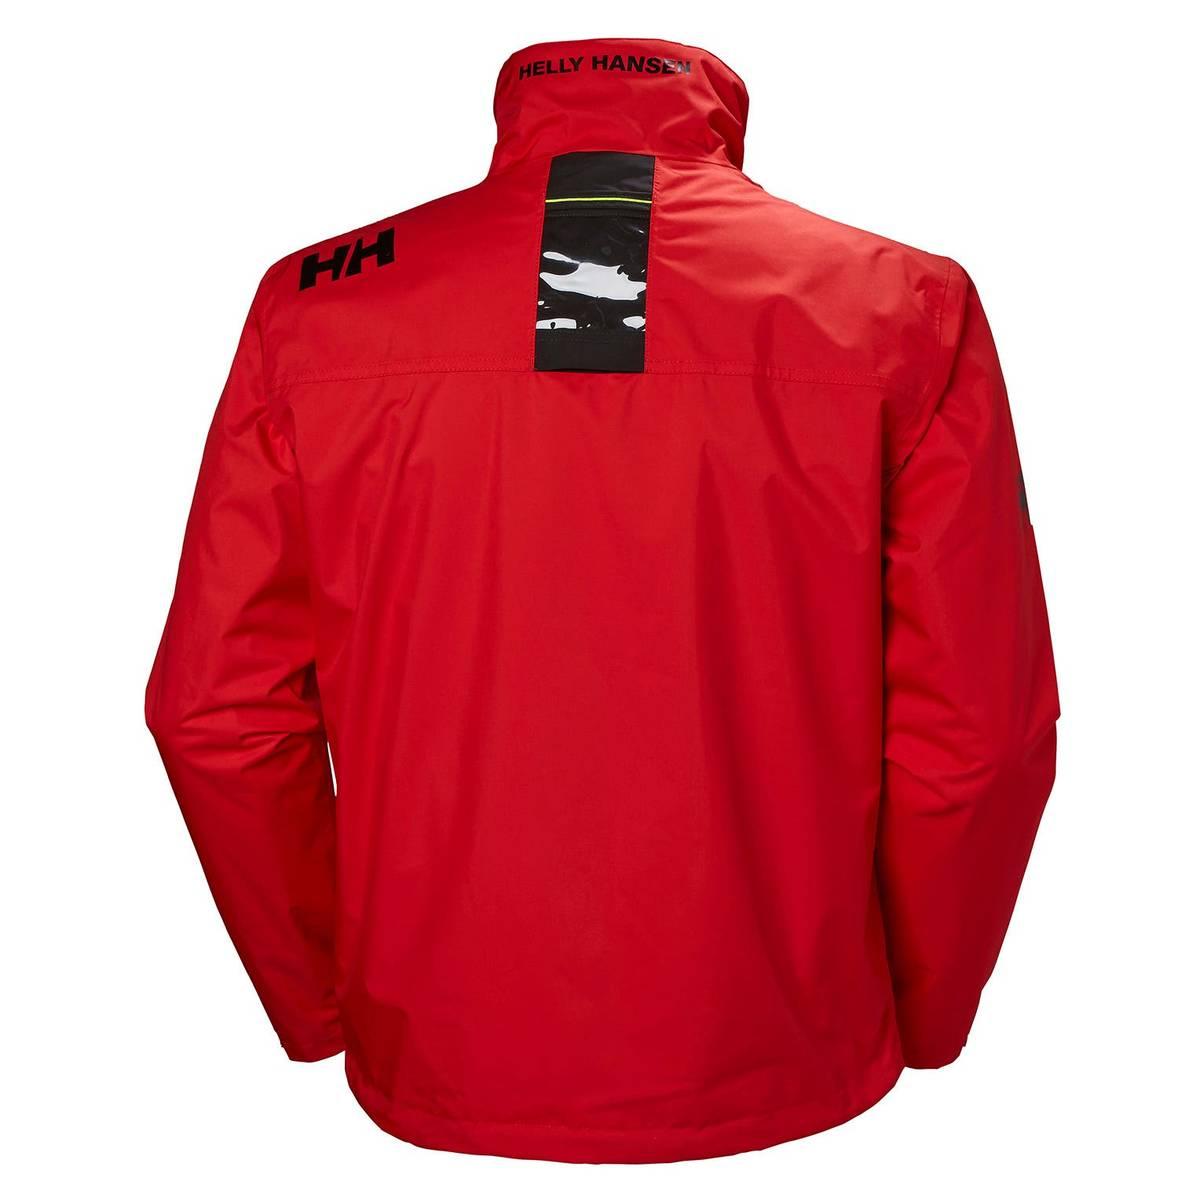 Yhdysvallat aito super erikoisuuksia Helly Hansen miesten takki Crew Midlayer punainen